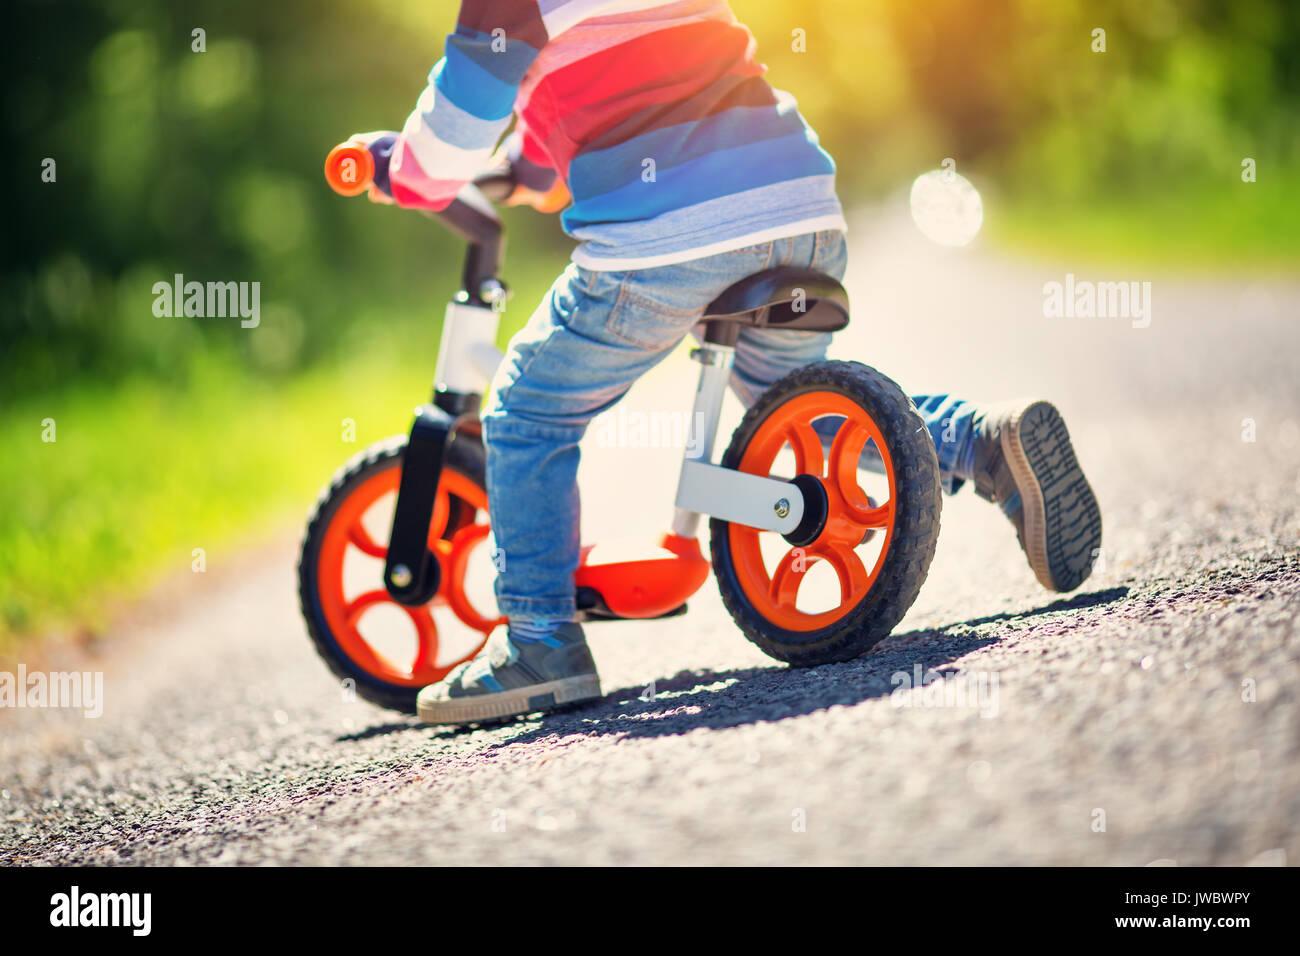 Crianças em bicicletas Imagens de Stock